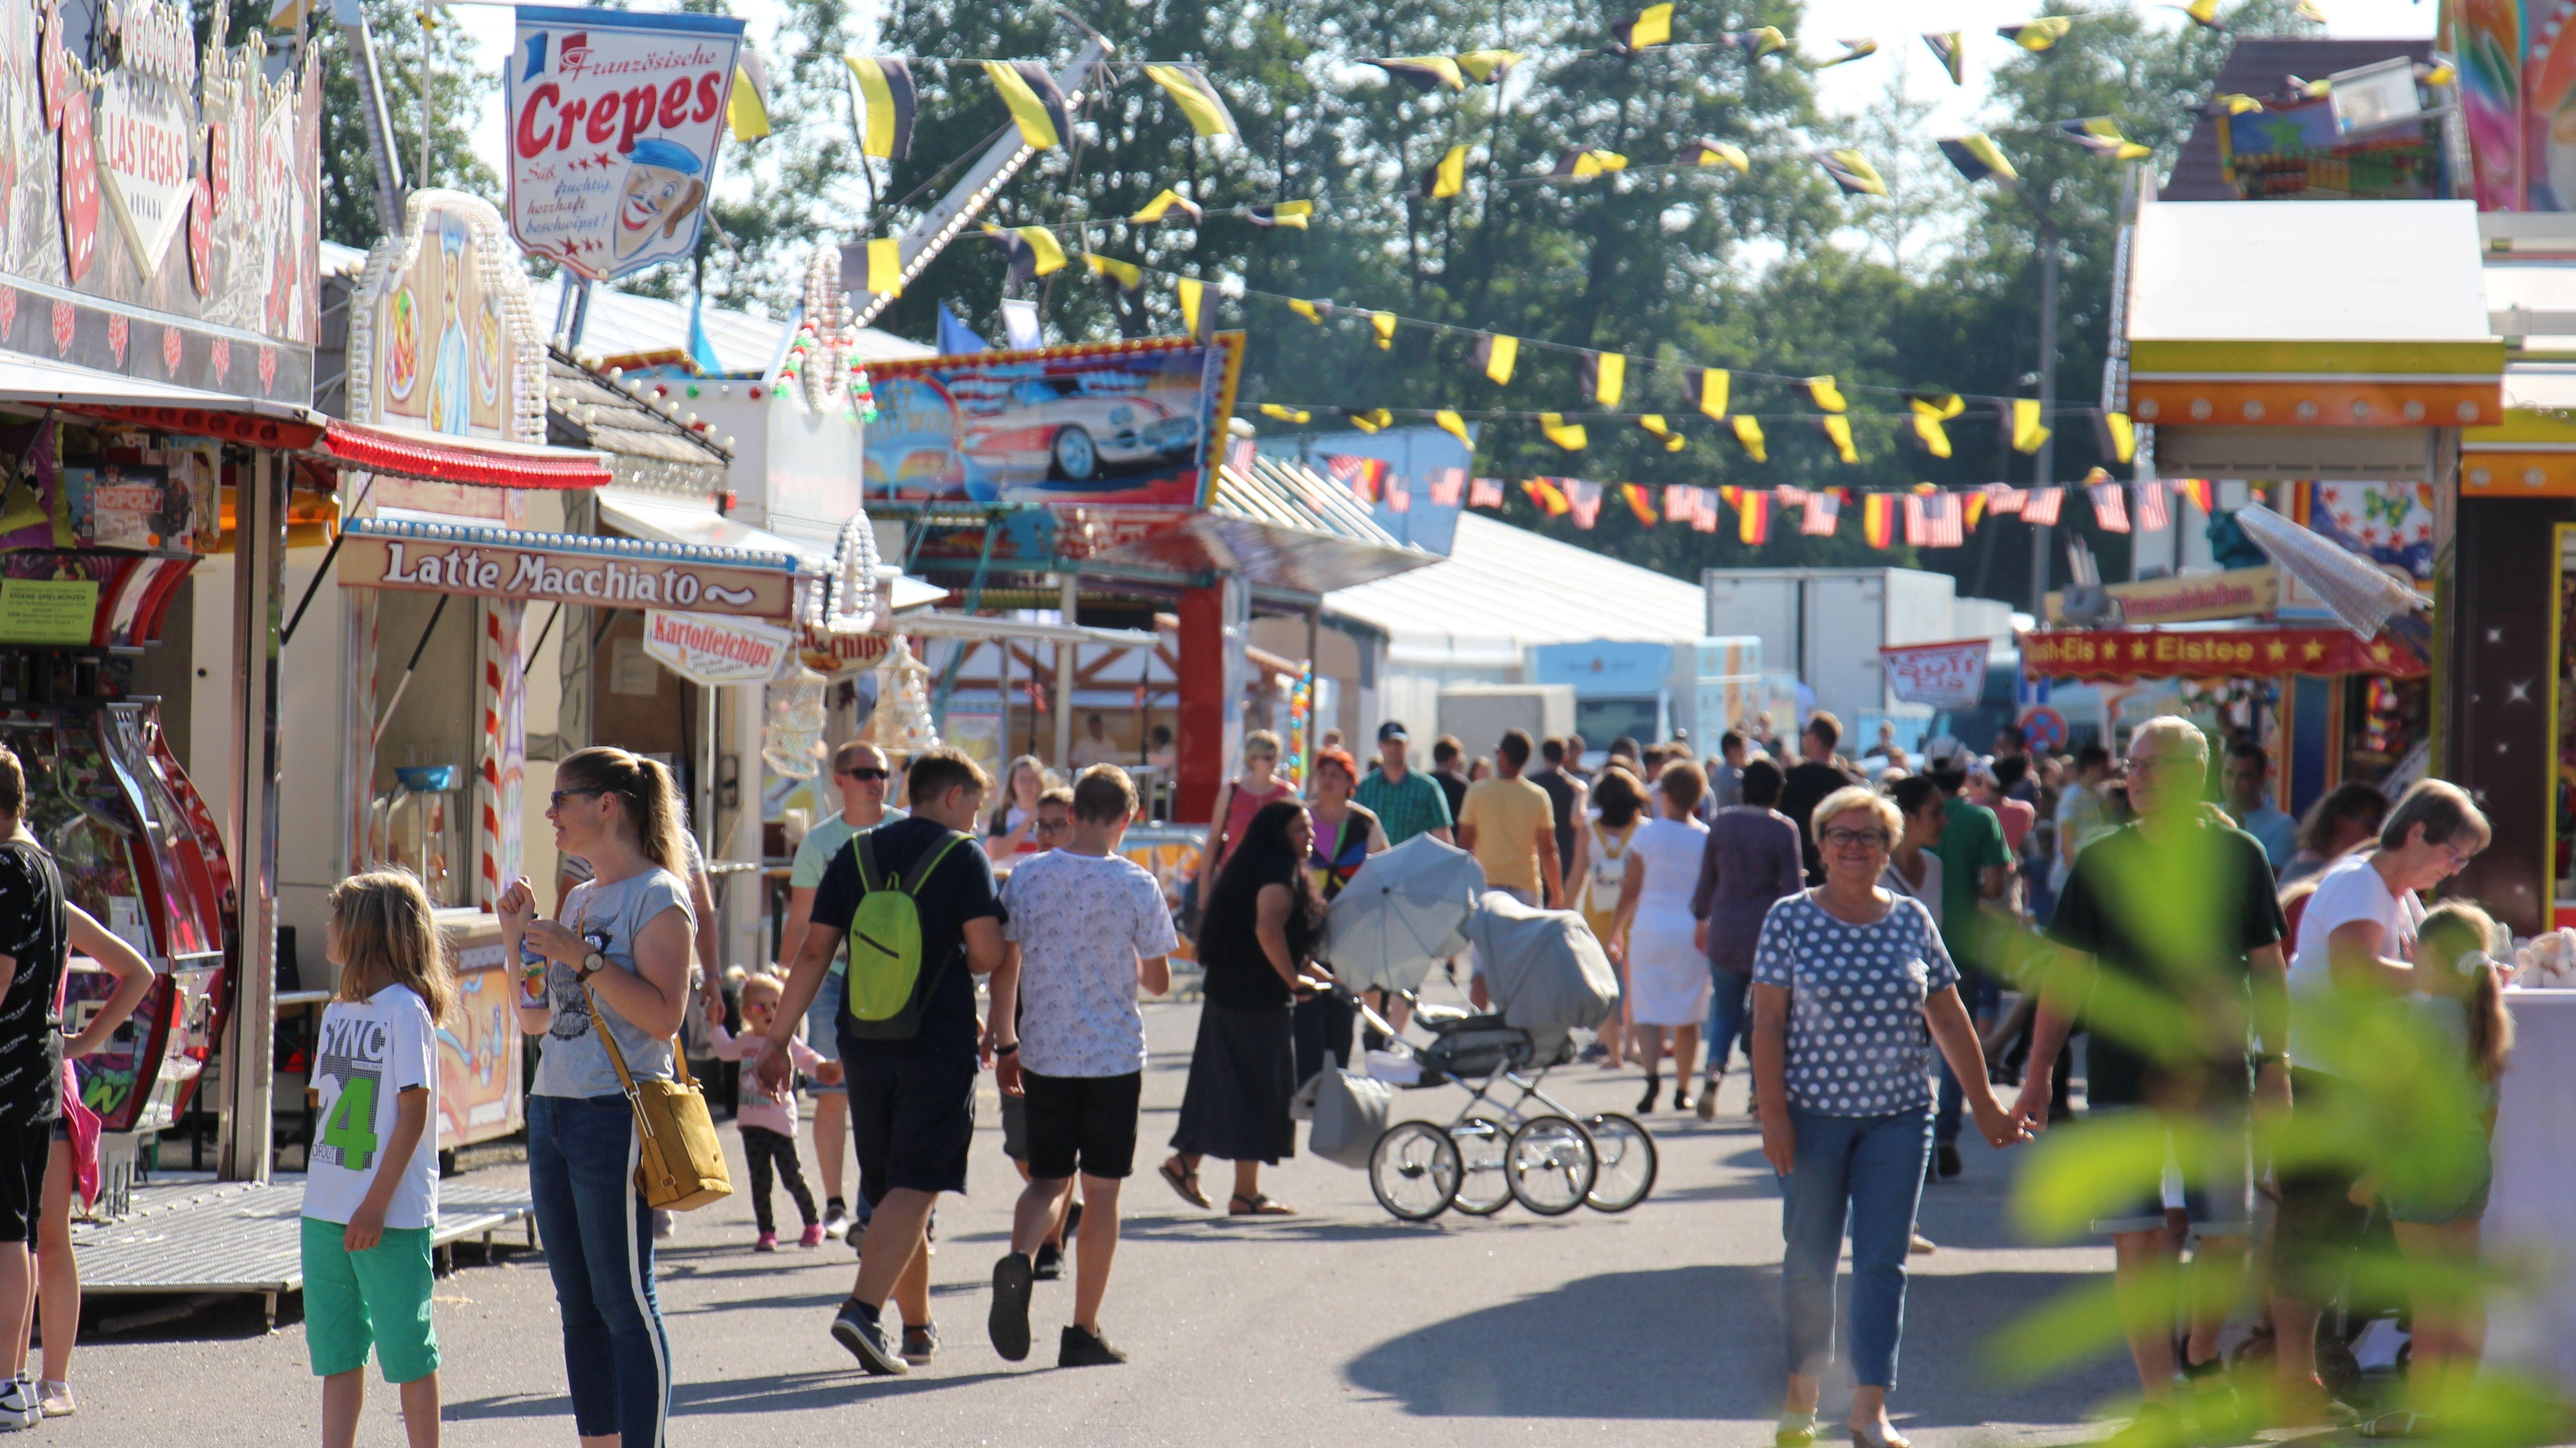 Pfingst-Volksfeste wie hier in Schwandorf, Traditionsveranstaltungen, Wallfahrt - alles ist dabei über die Feiertage.